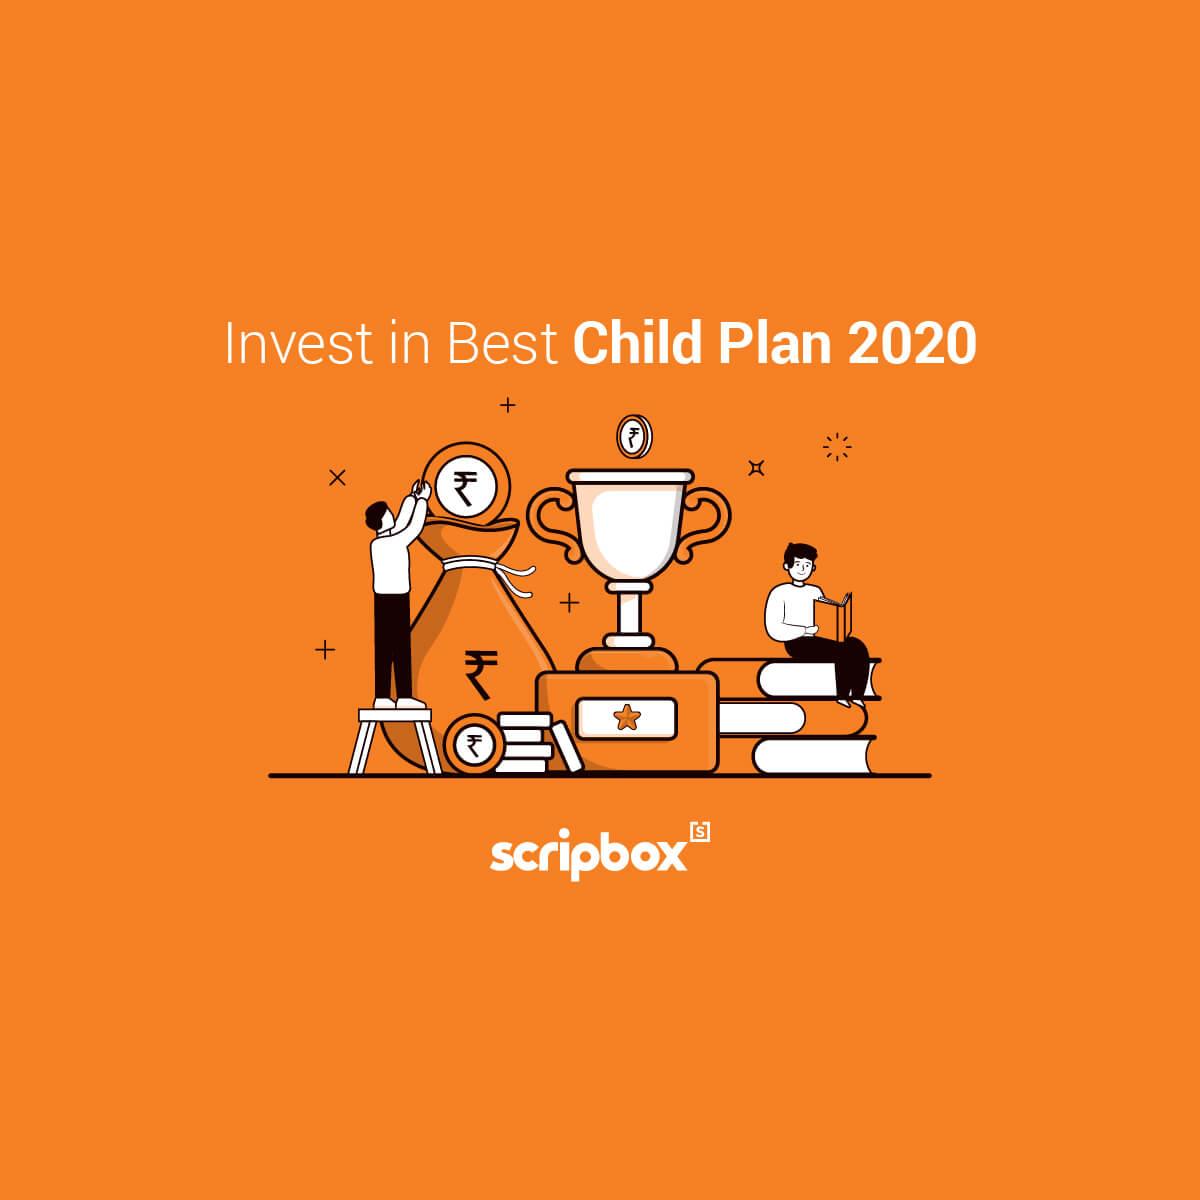 best child plan